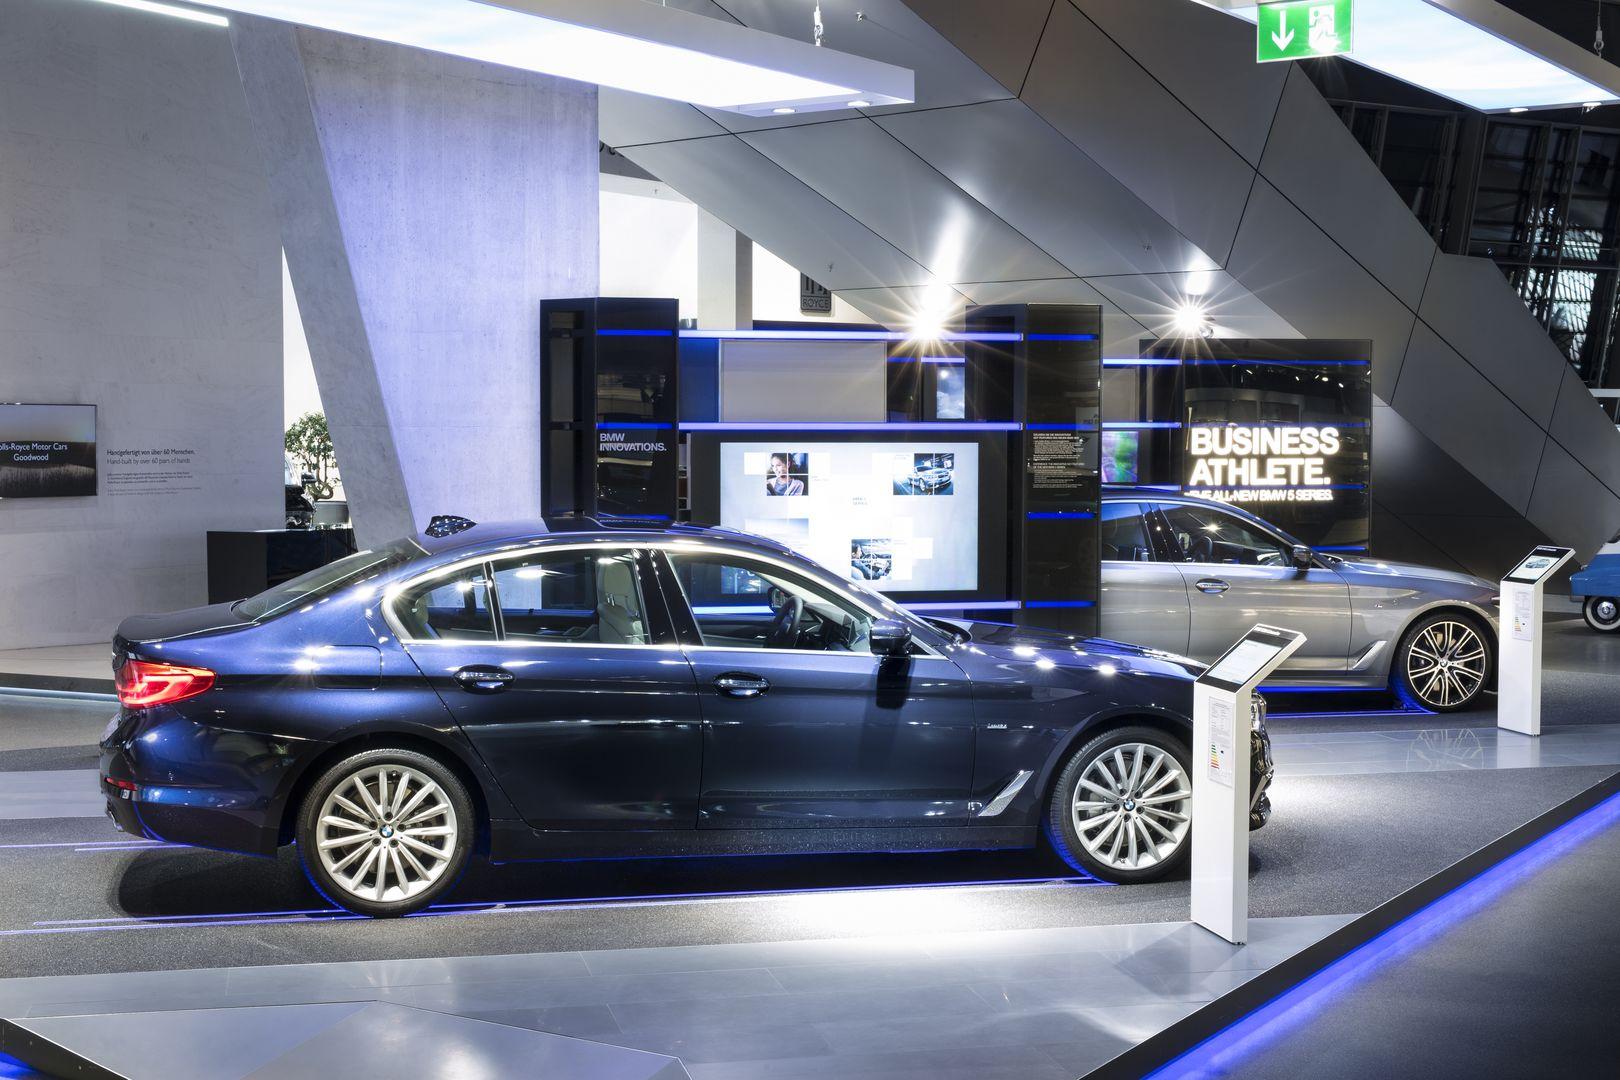 BMW Welt 5er 2 7.2.17 0846 final 1080